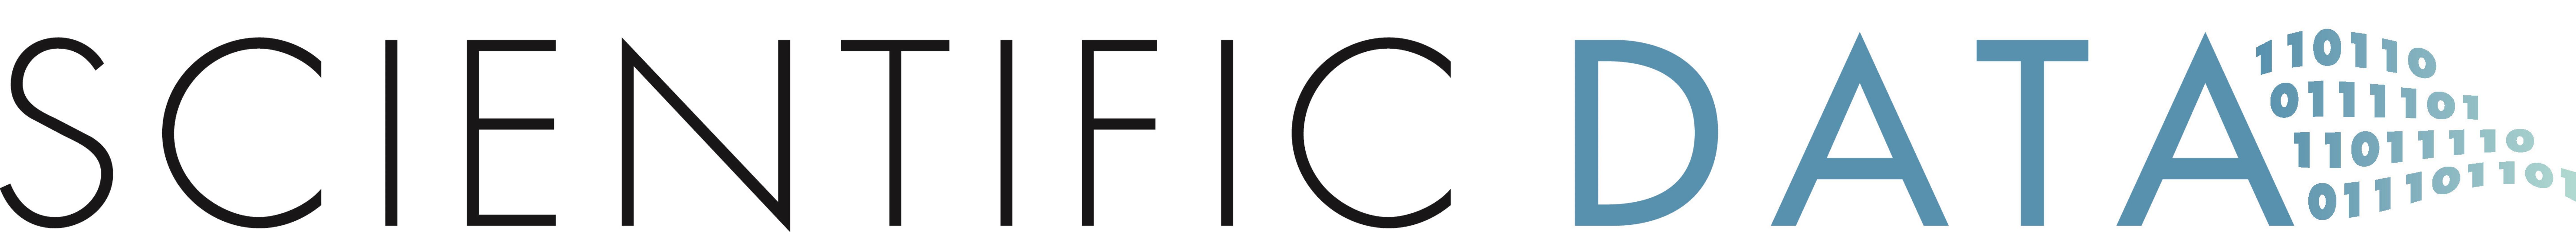 Scientific Data logo